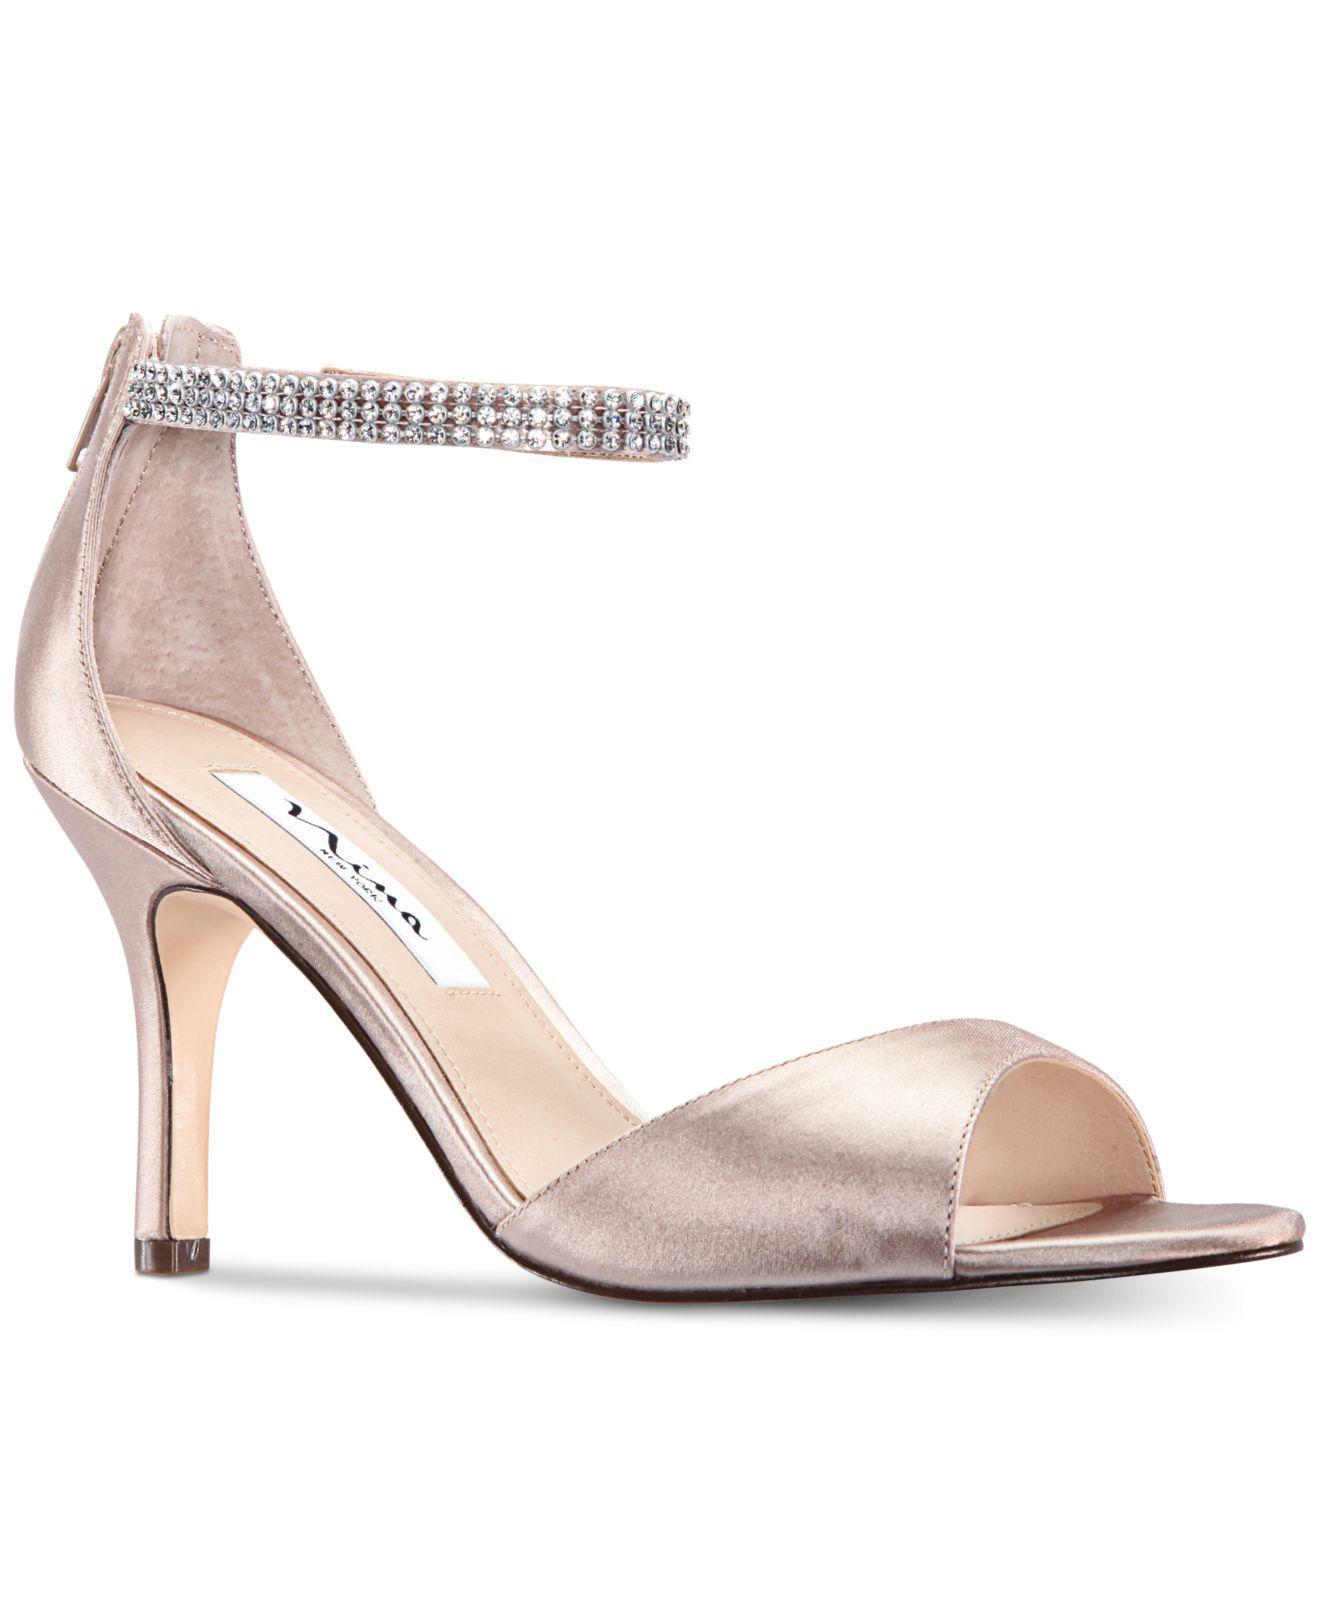 3aeb0104ea8 Nina. Women s Volanda Evening Dress Sandals